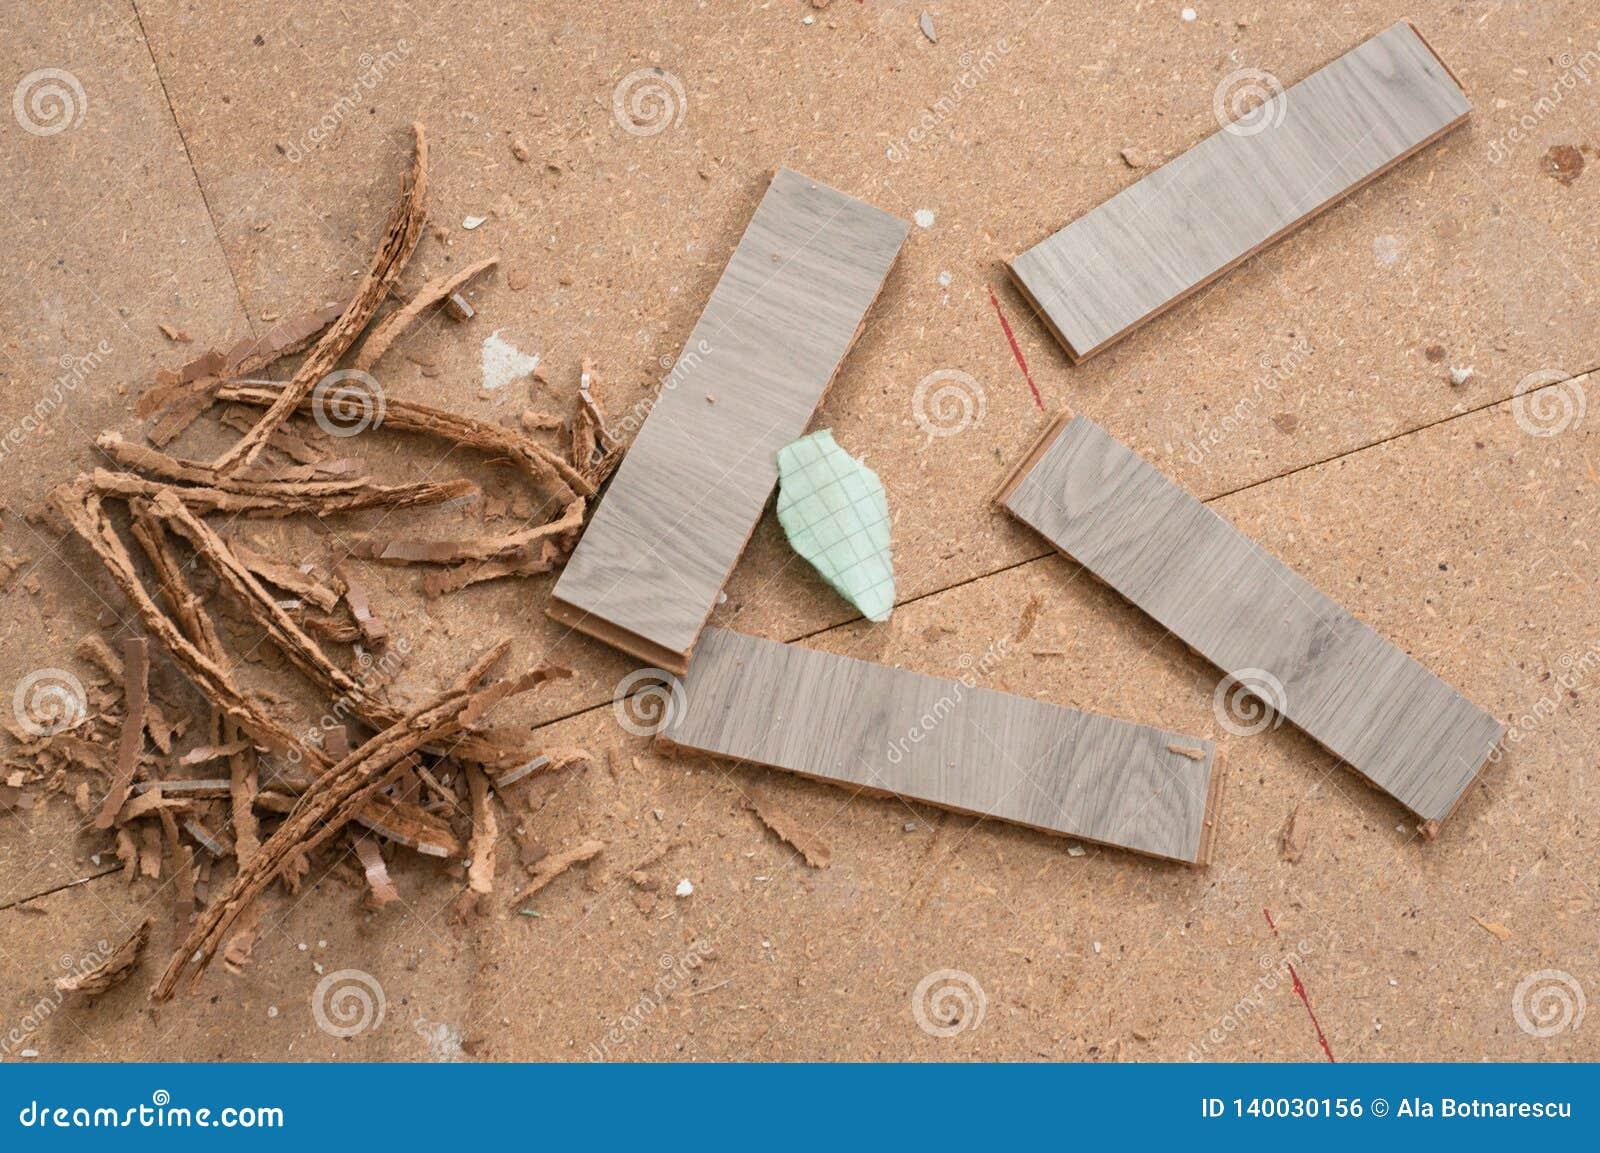 Rest av skivor pläterar, når de har klippts för instalation av det nya trägolvet hemma